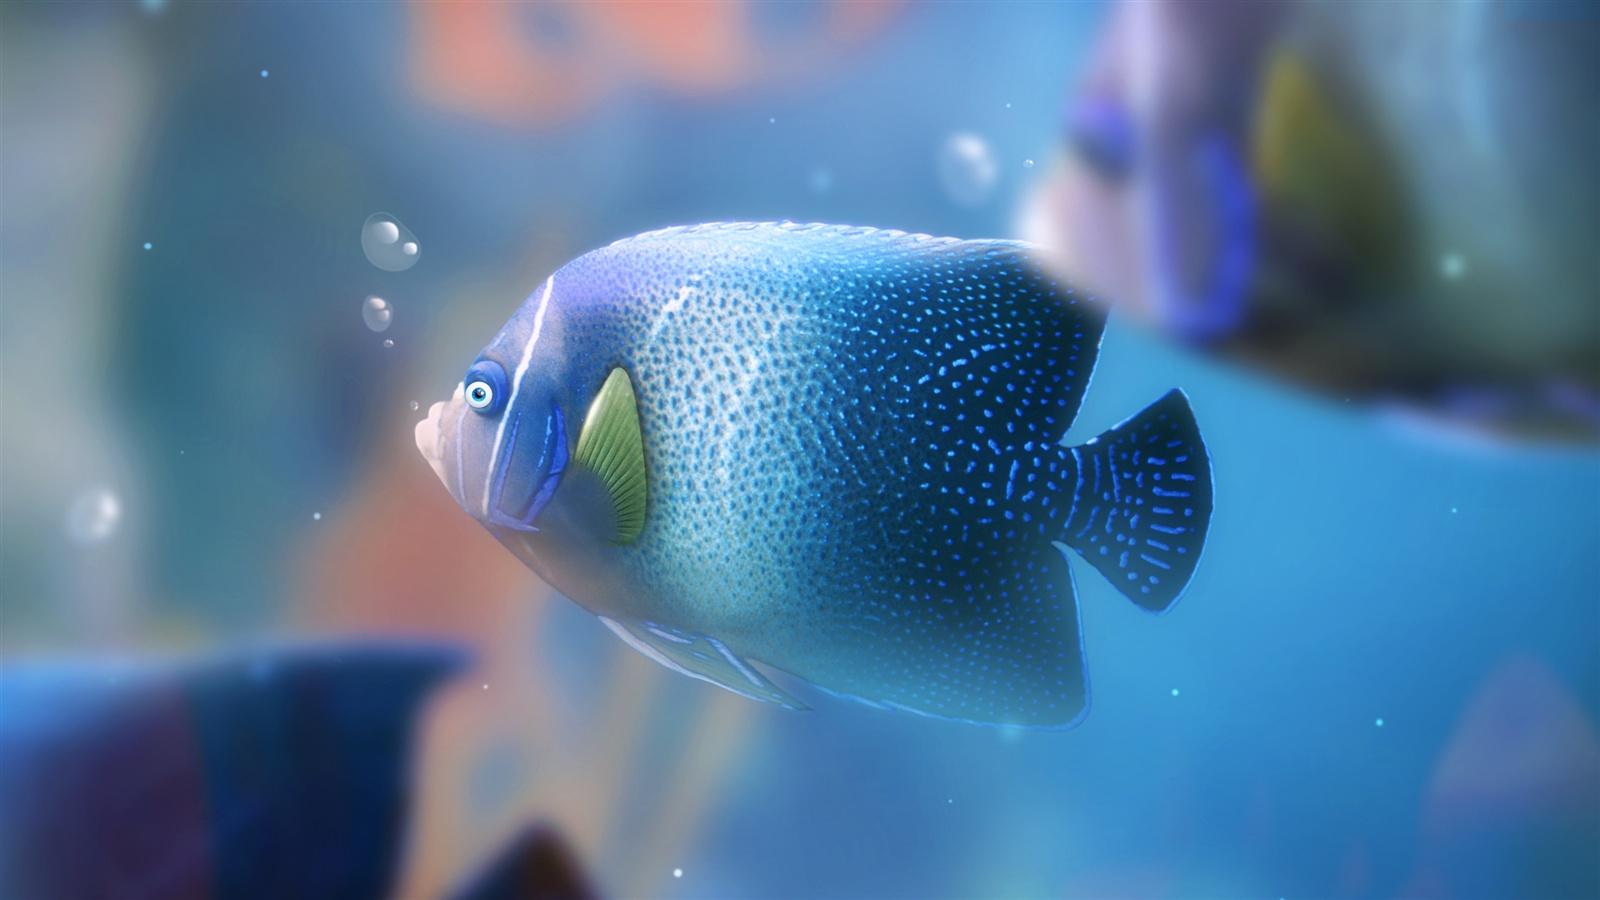 Iphone 5 Clown Fish Wallpaper Wallpaper Blue Aquarium Fish 2560x1440 Qhd Picture Image